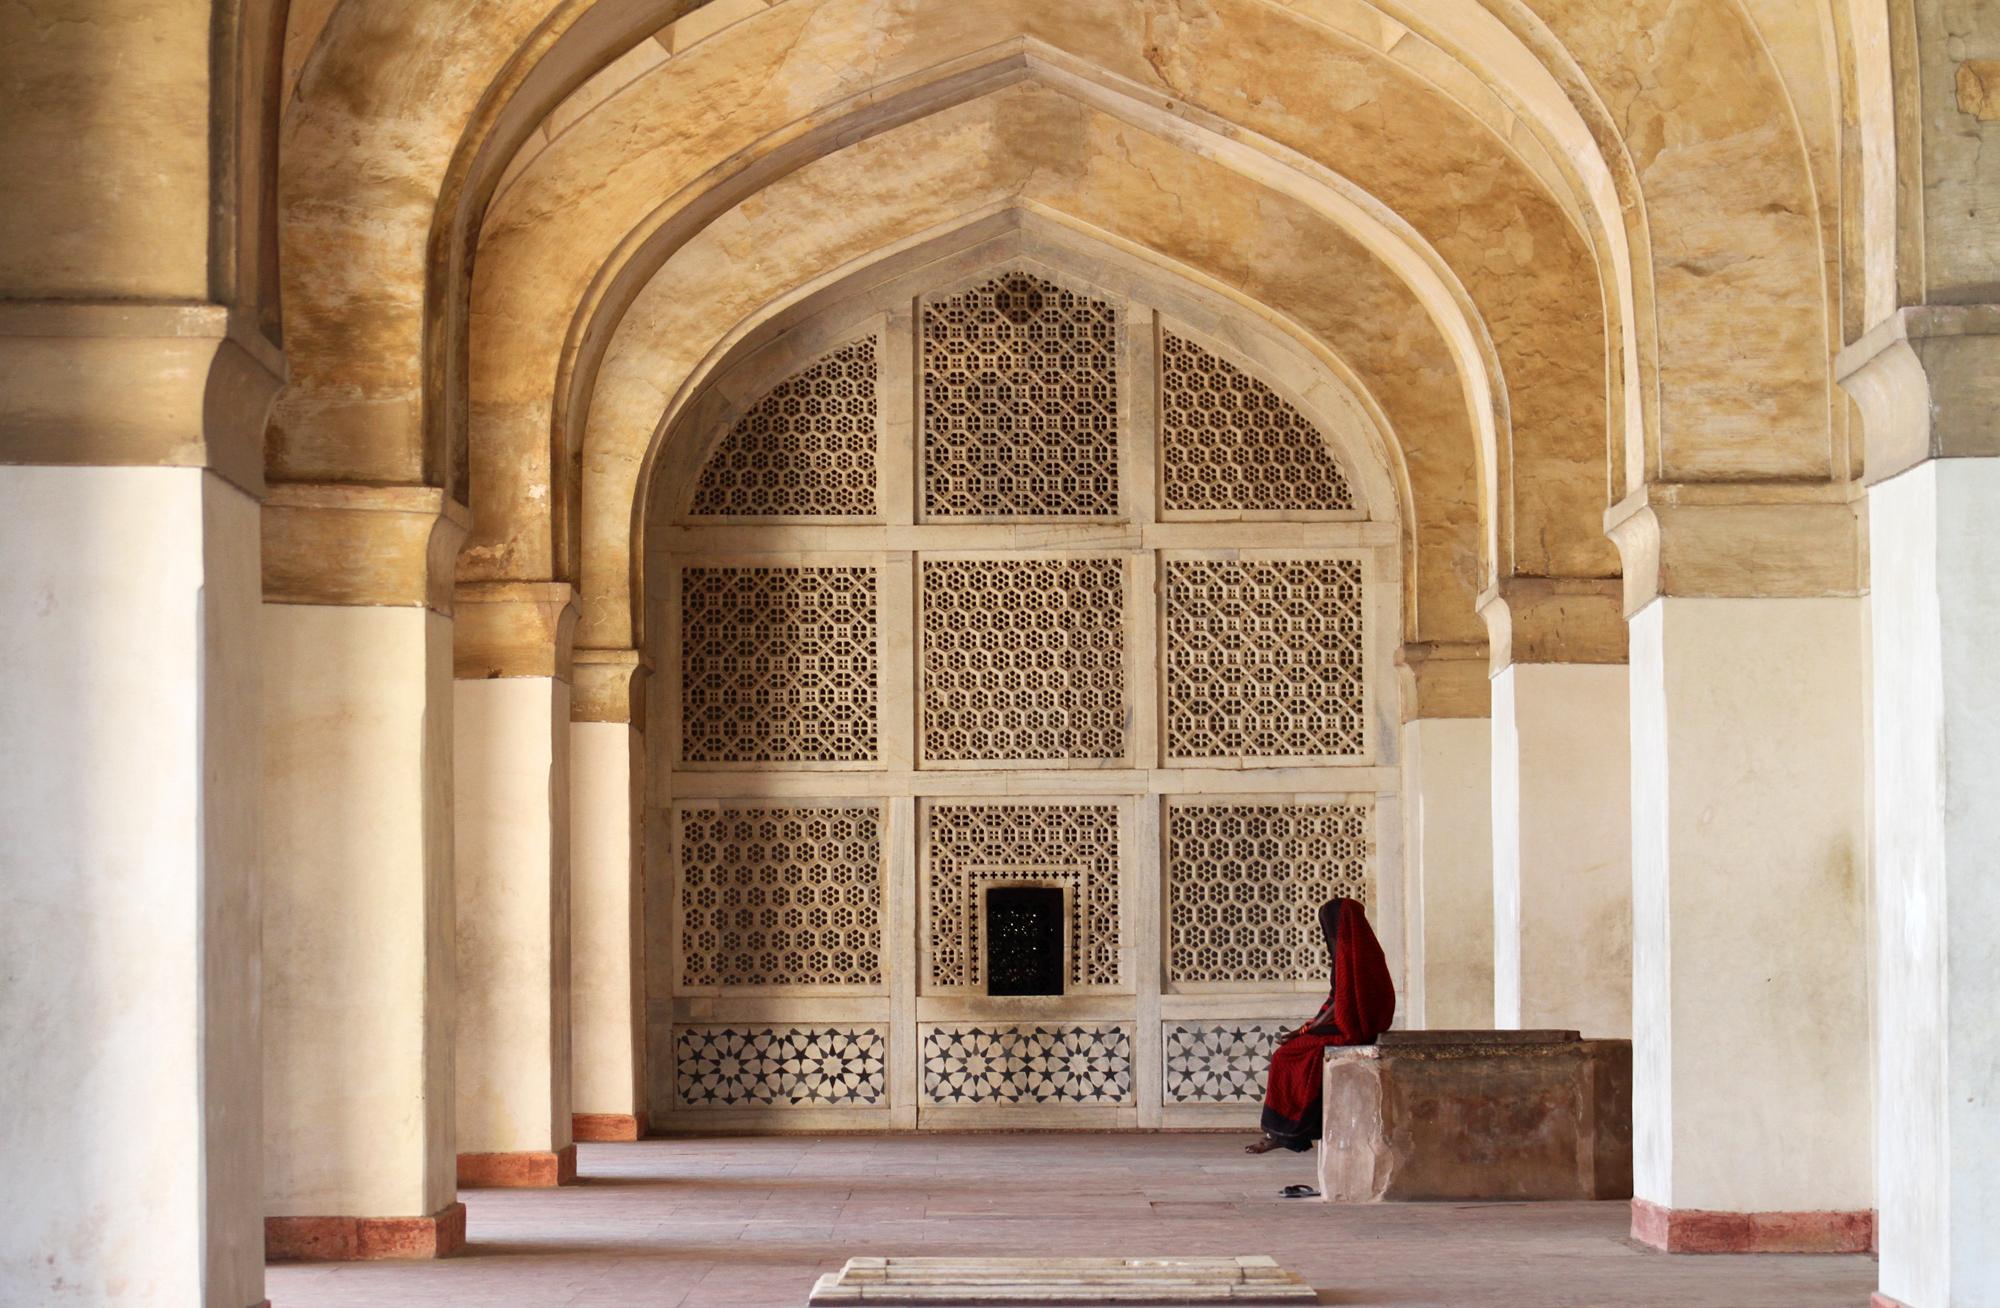 Akbar's Tomb